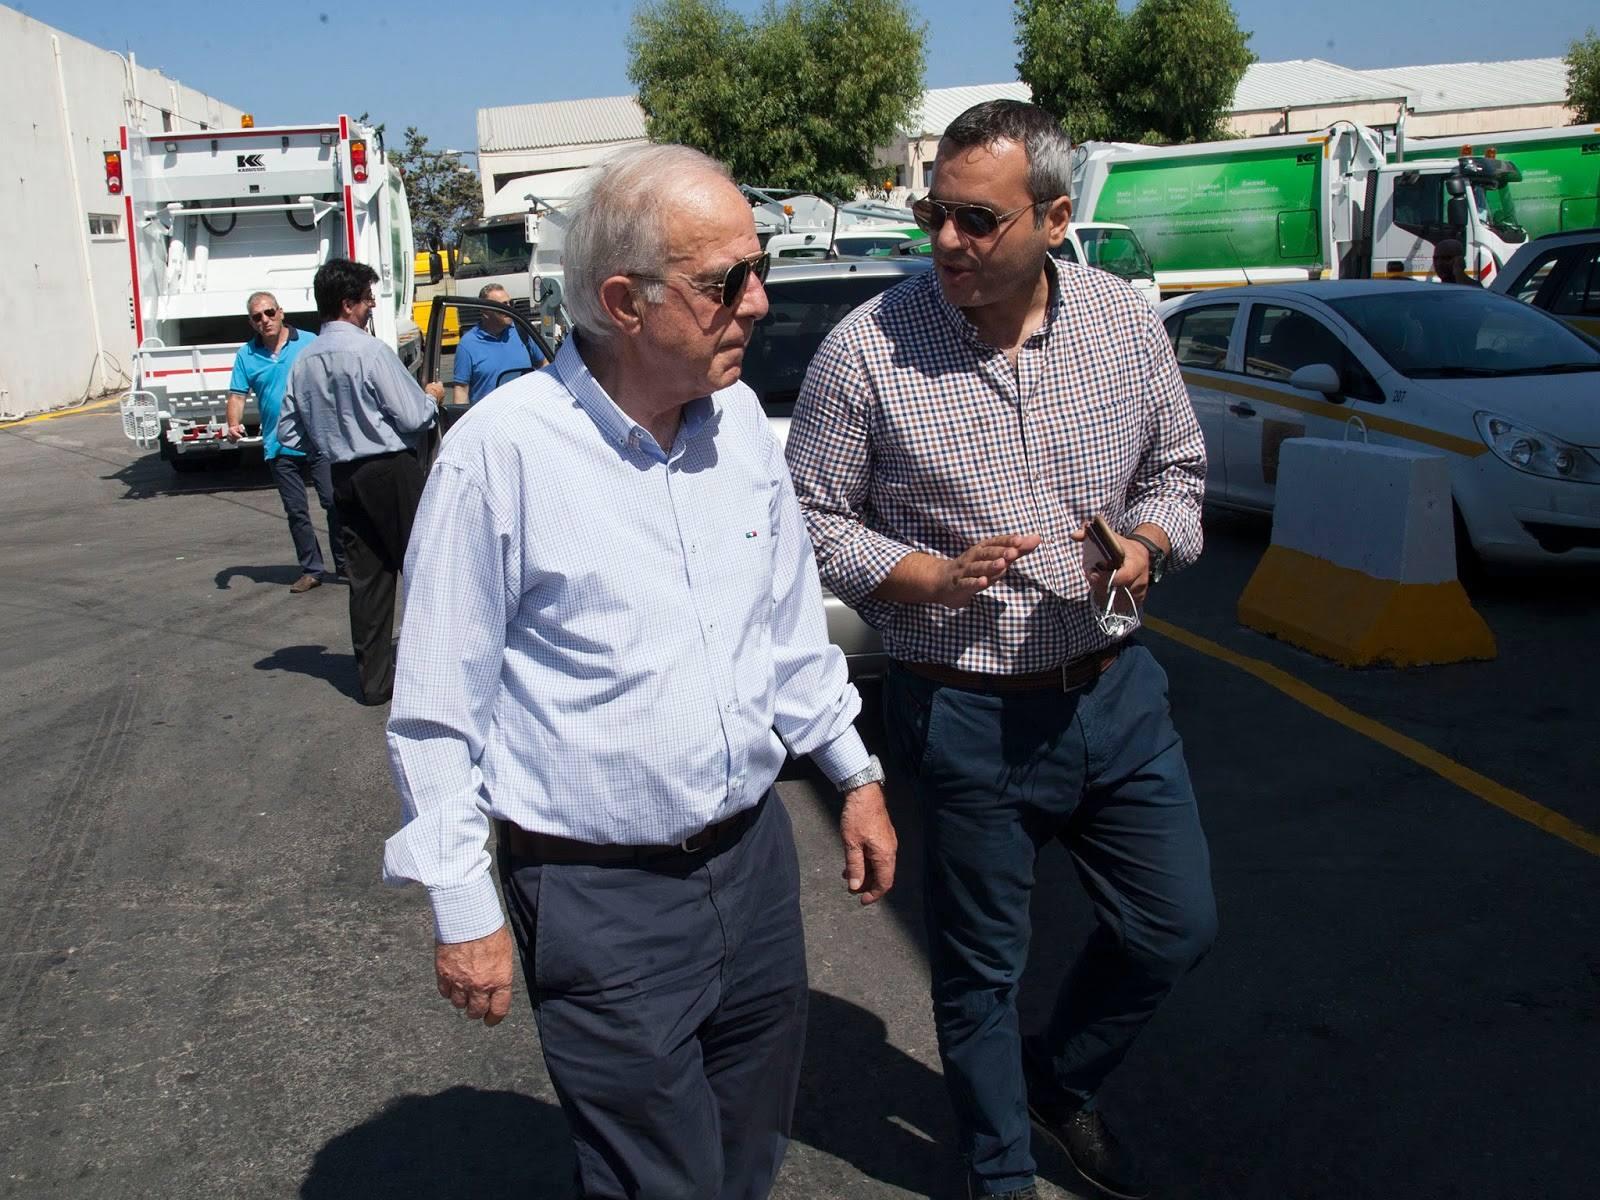 Με ένα νέο απορριμματοφόρο ενισχύθηκε ο στόλος ανακύκλωσης του Δήμου Ηρακλείου